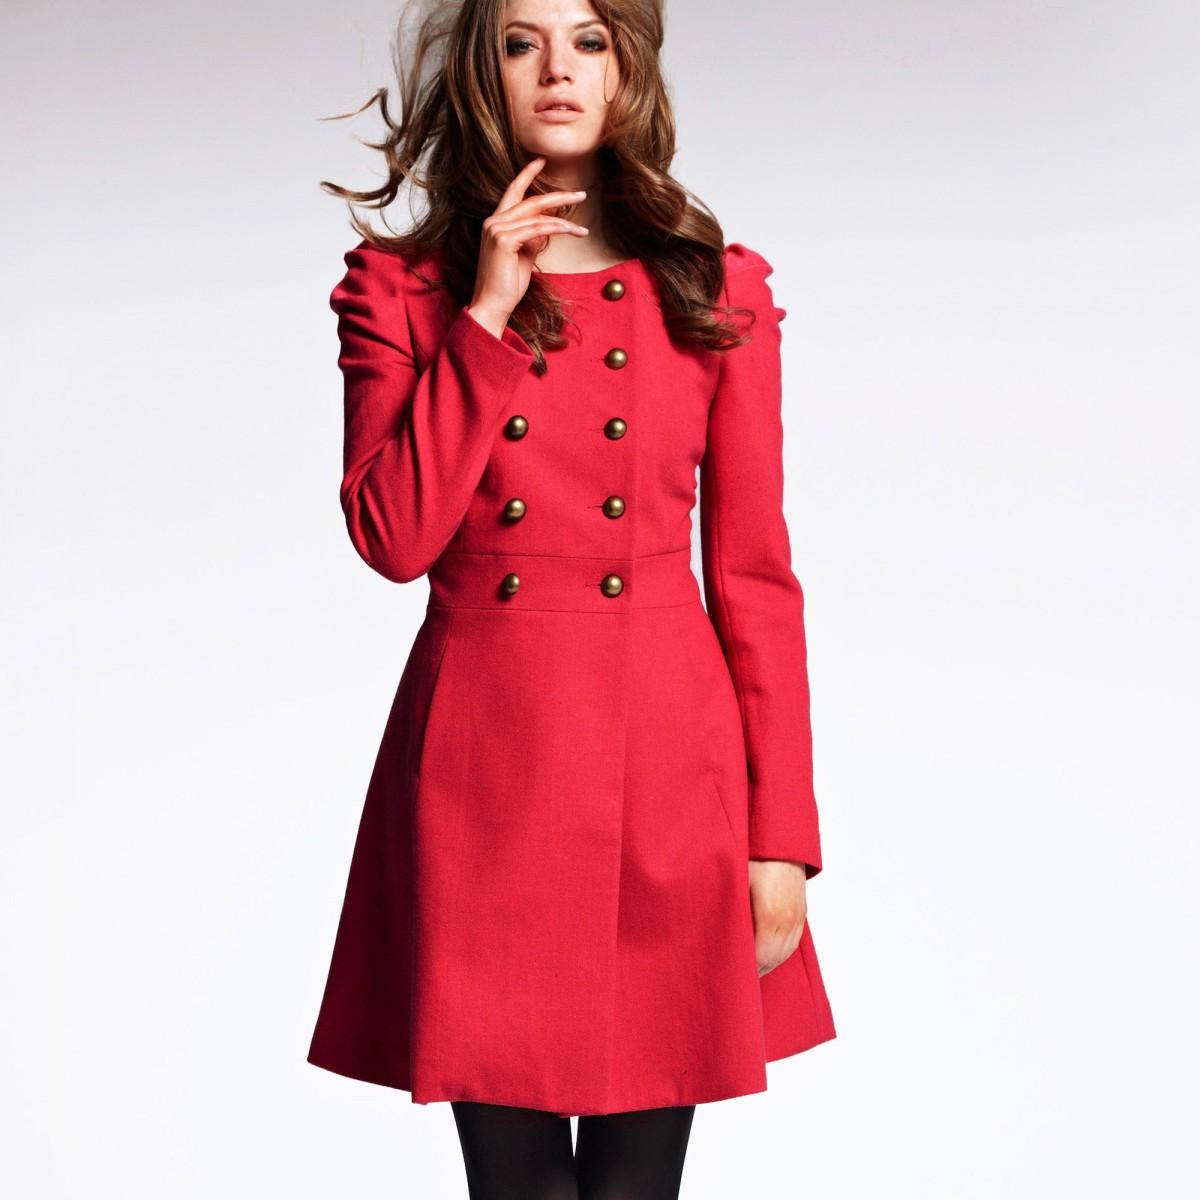 Manteau classe femme 2017